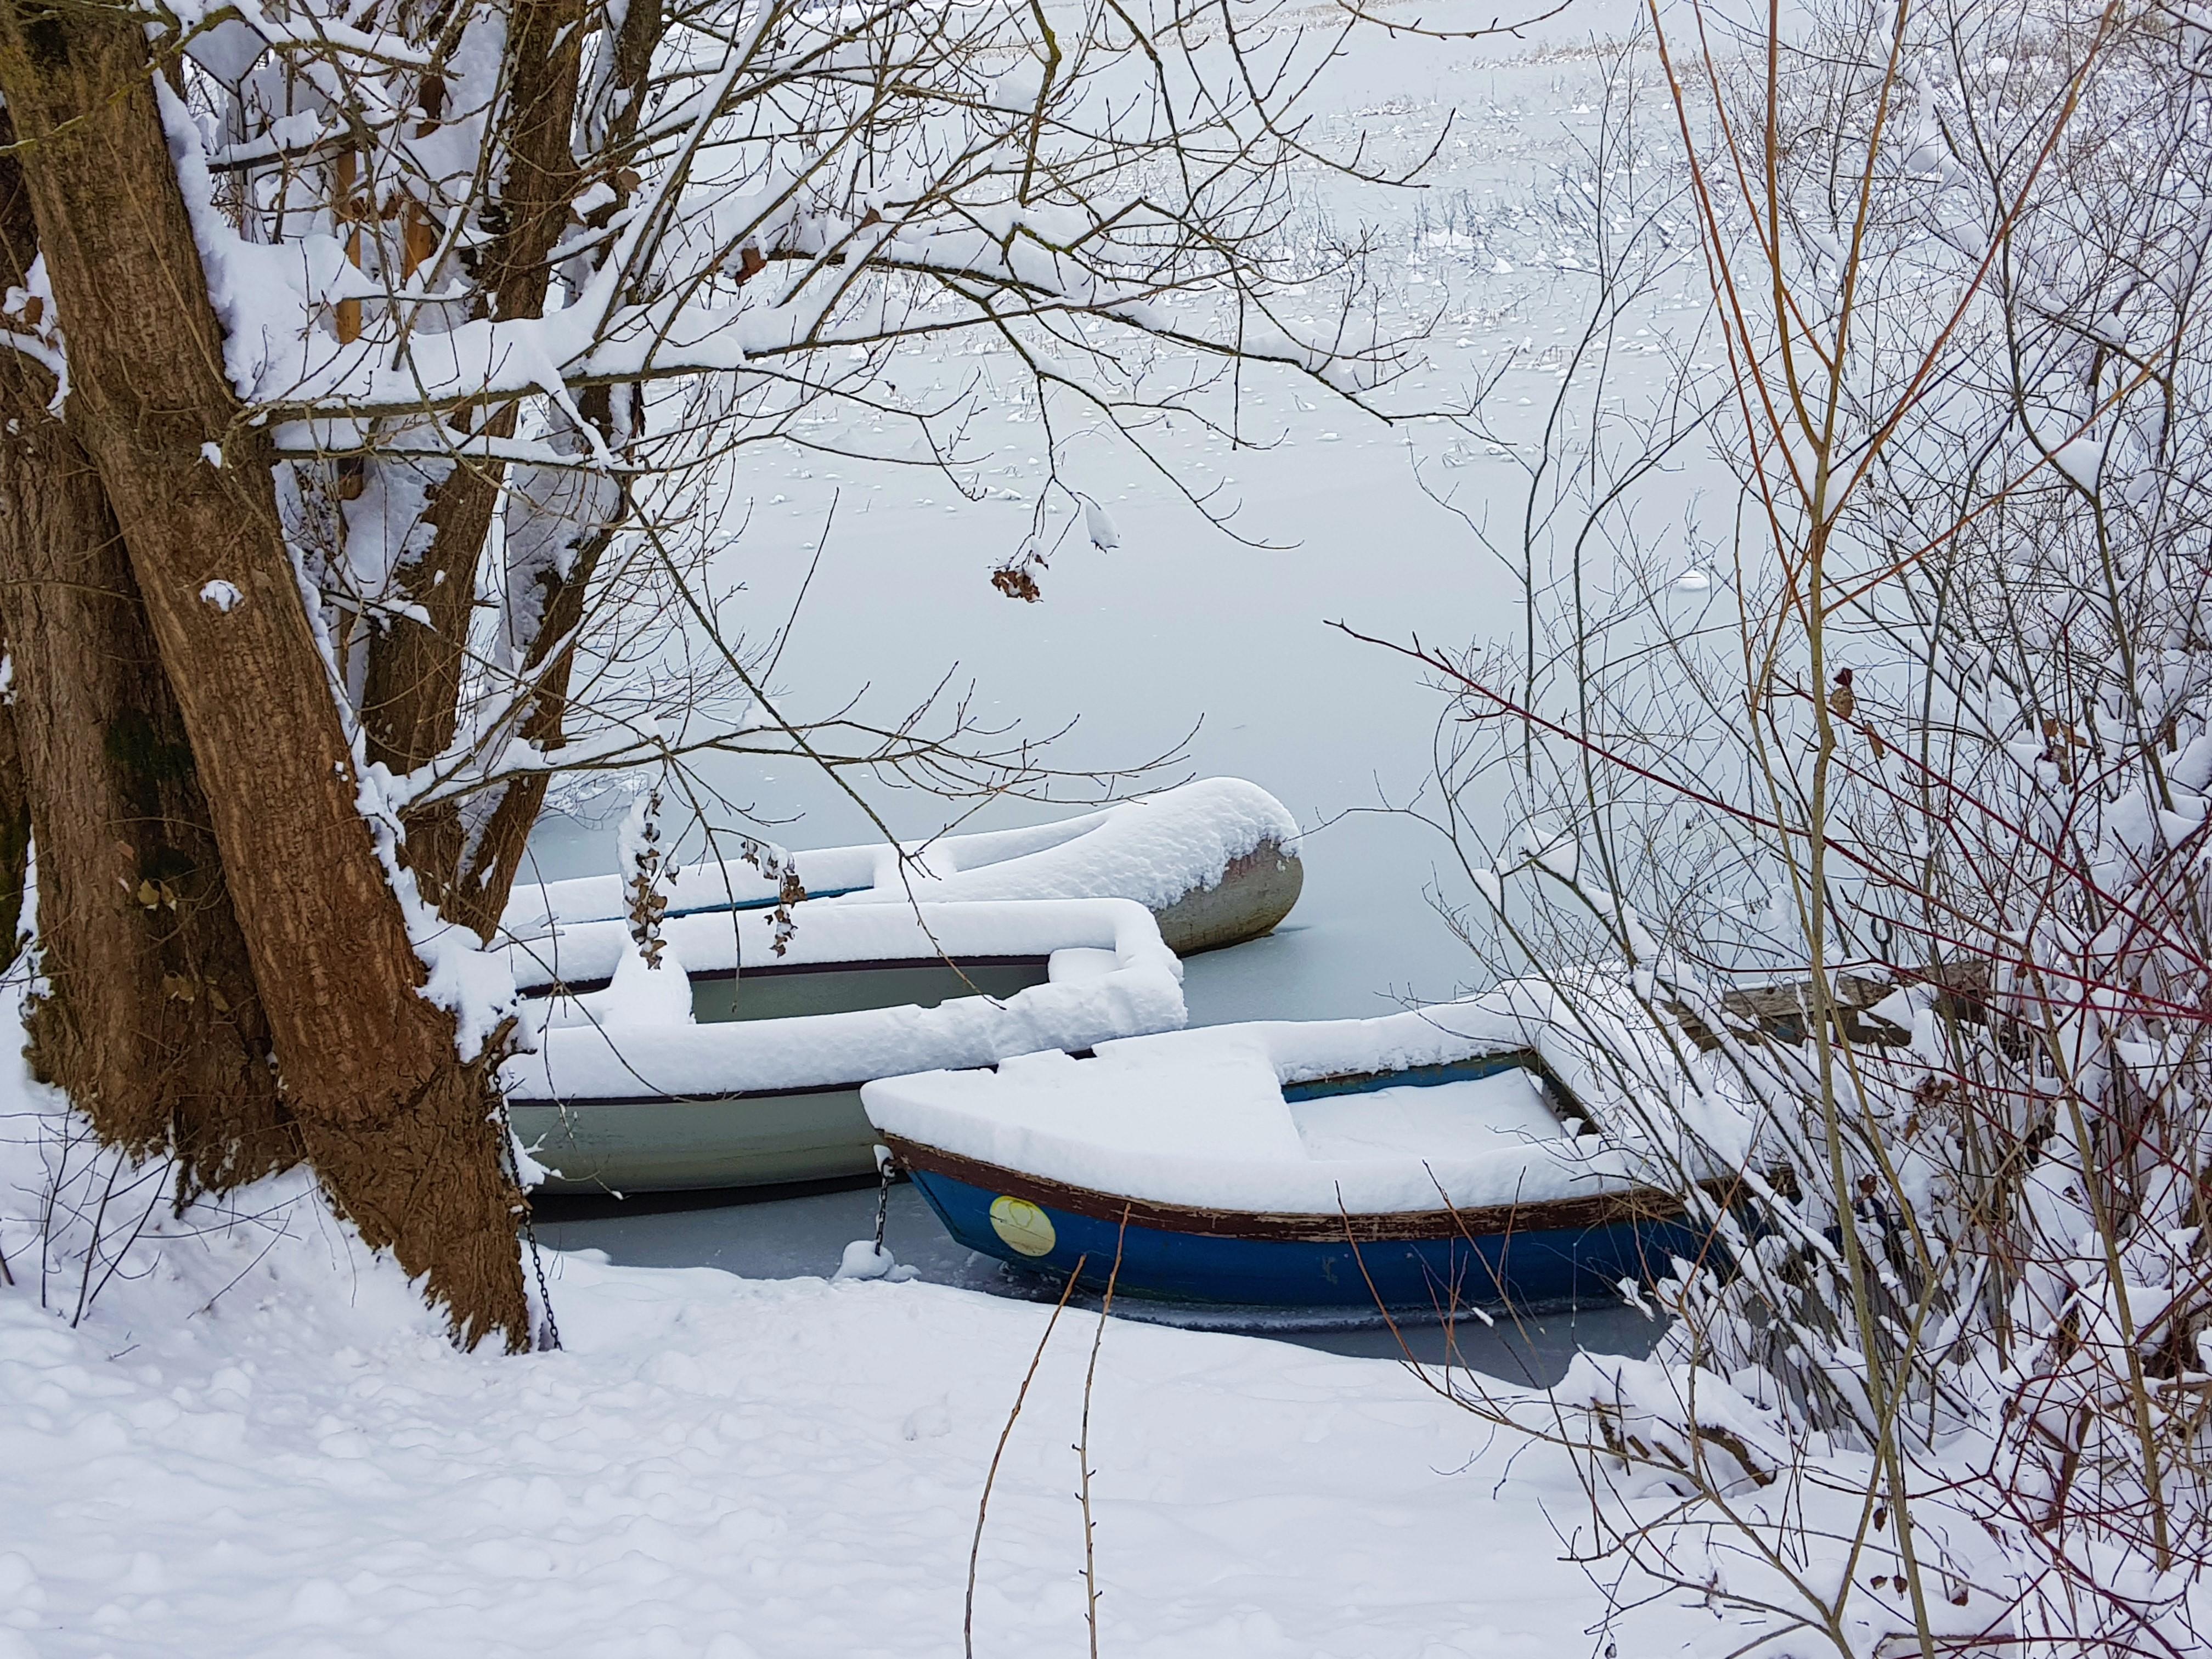 Pot vas popelje po zasneženem nasipu tik ob jezeru, kjer ribolov trenutno ni mogoč. Očitno.